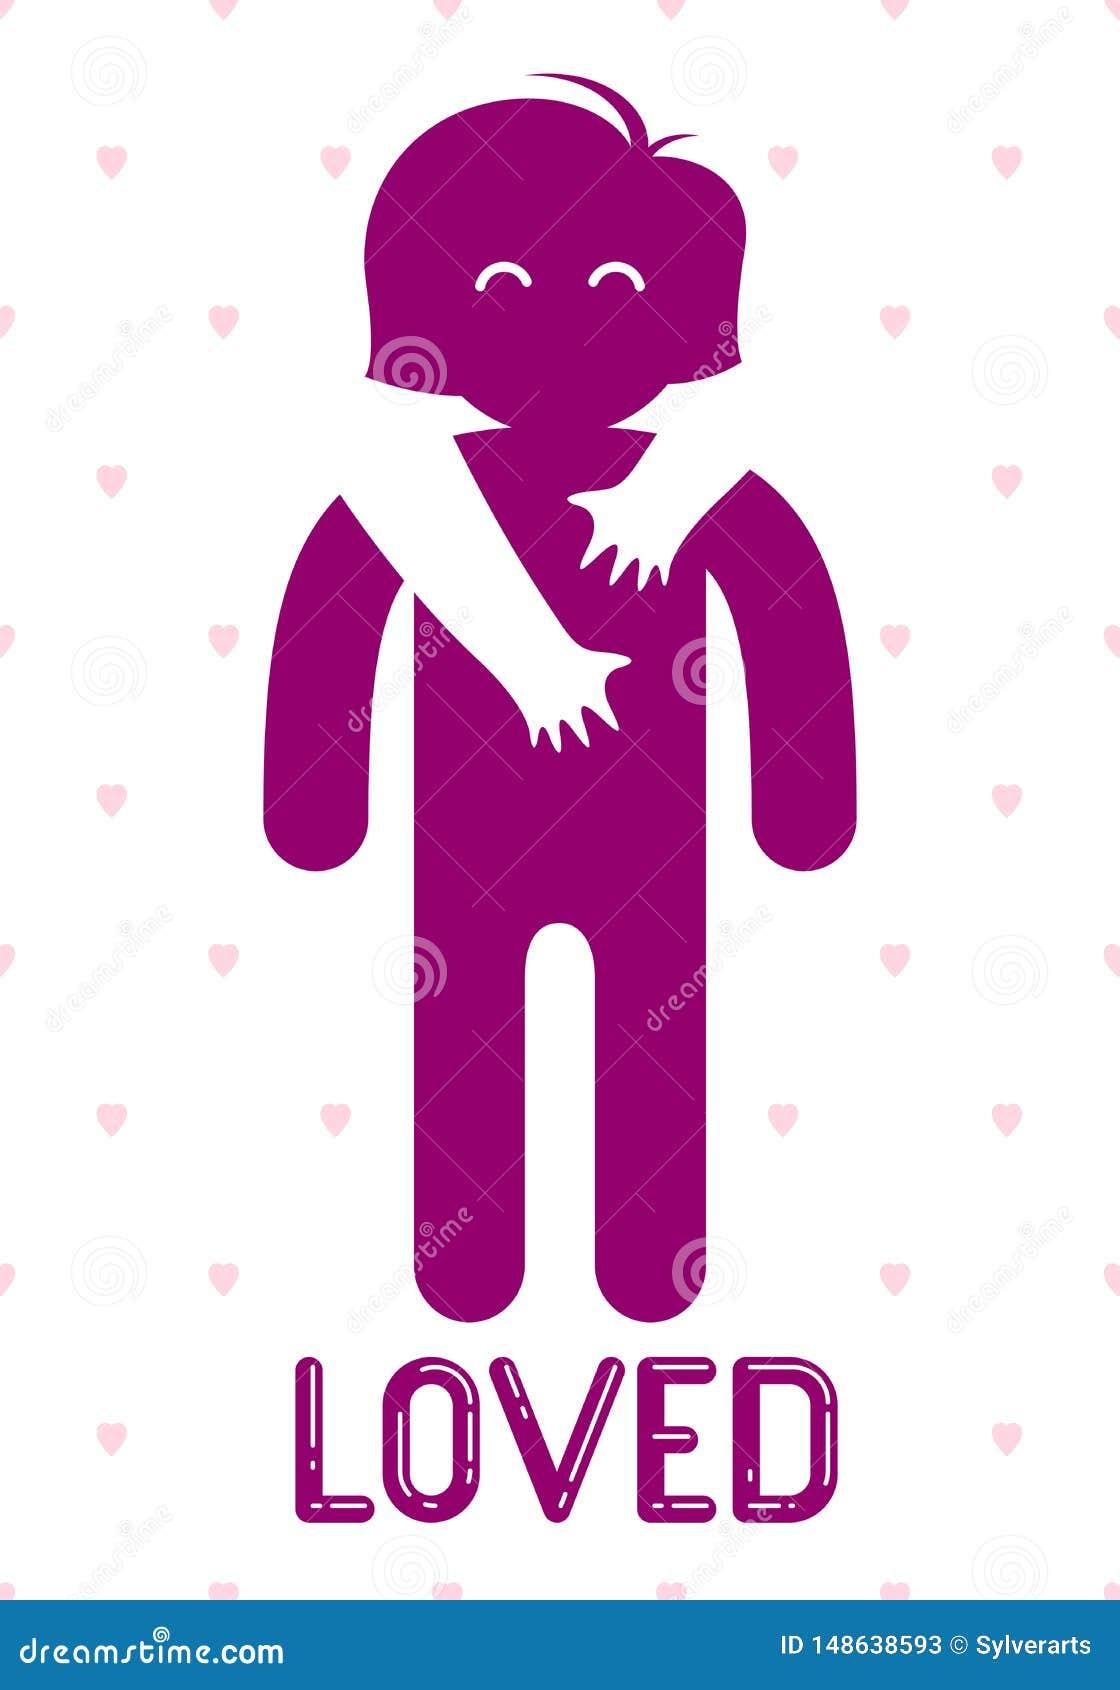 心爱的妇女拥抱小心递一个恋人的人并且爱抚她的肩膀、传染媒介象商标或者例证在单纯化